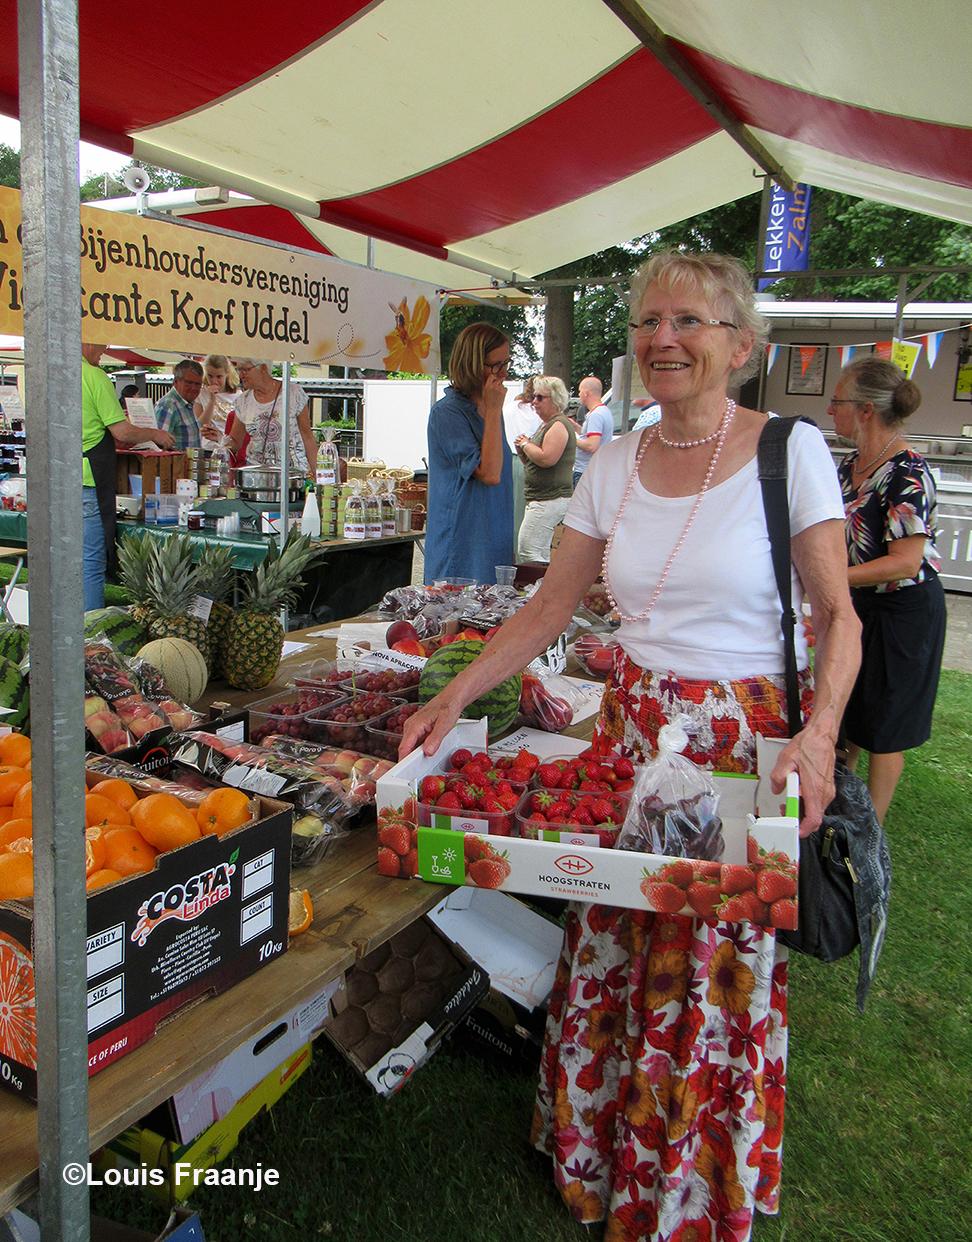 Naast de lekkere heidehoning, heeft Fransien ook nog heerlijke aardbeien en kersen aangeschaft - Foto: ©Louis Fraanje